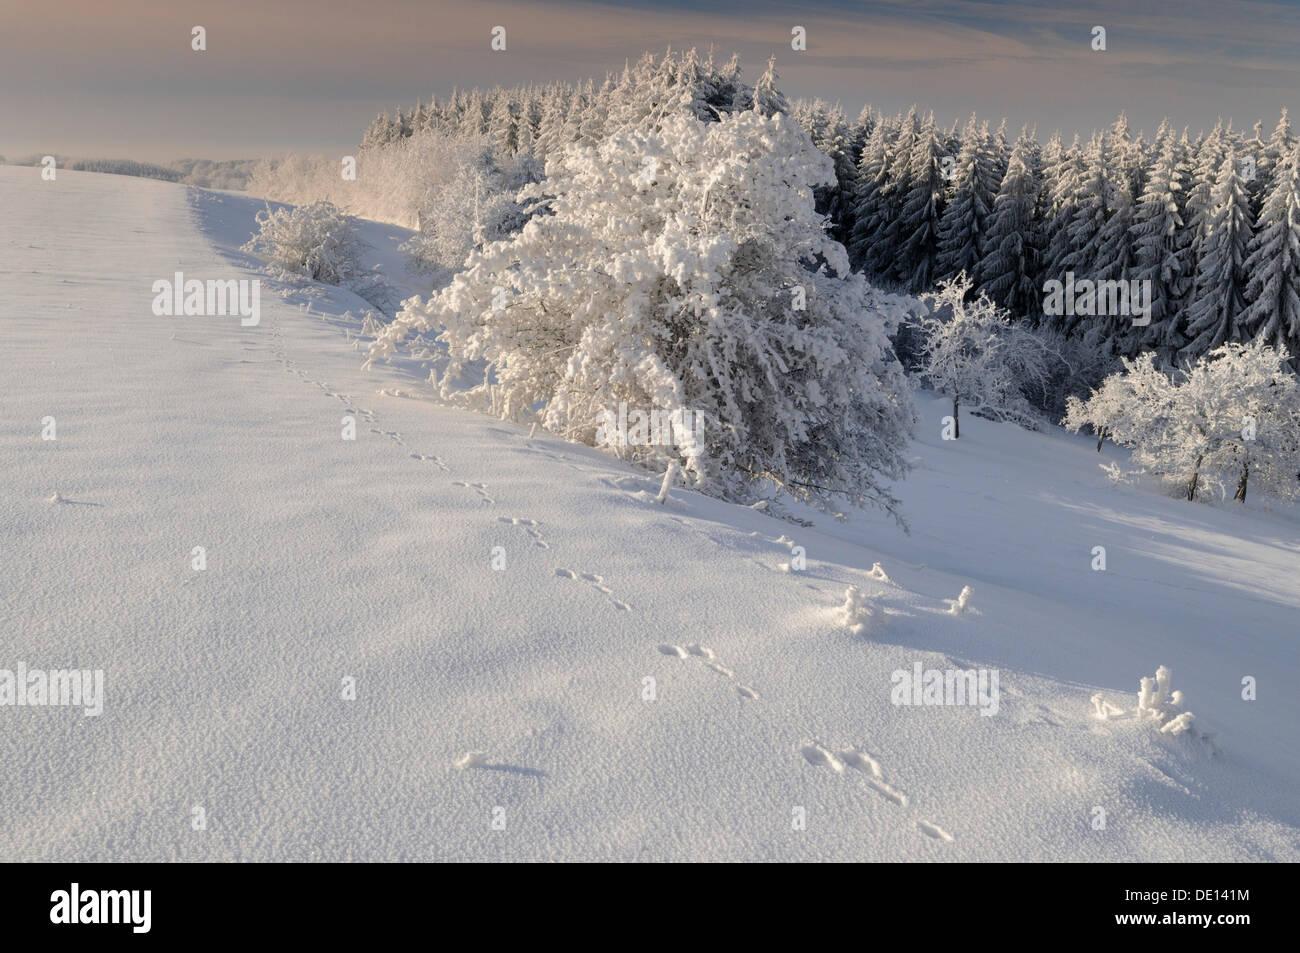 Winter in the Biosphaerengebiet Schwaebische Alb biosphere reserve, Swabian Alb, Baden-Wuerttemberg - Stock Image